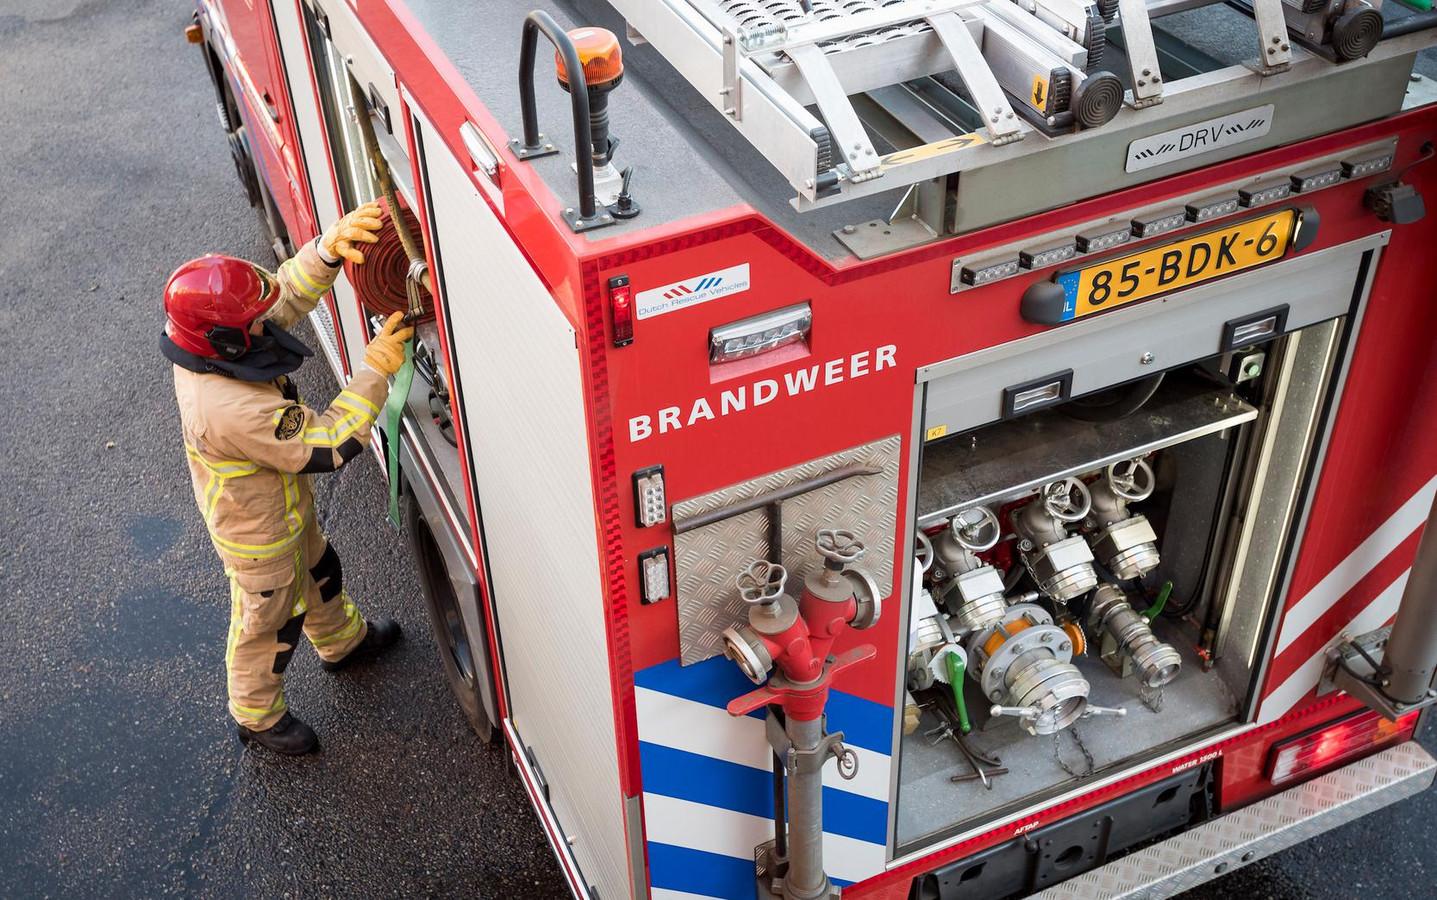 Een brandweerman pakt brandslangen uit de autospuit. Foto ter illustratie.